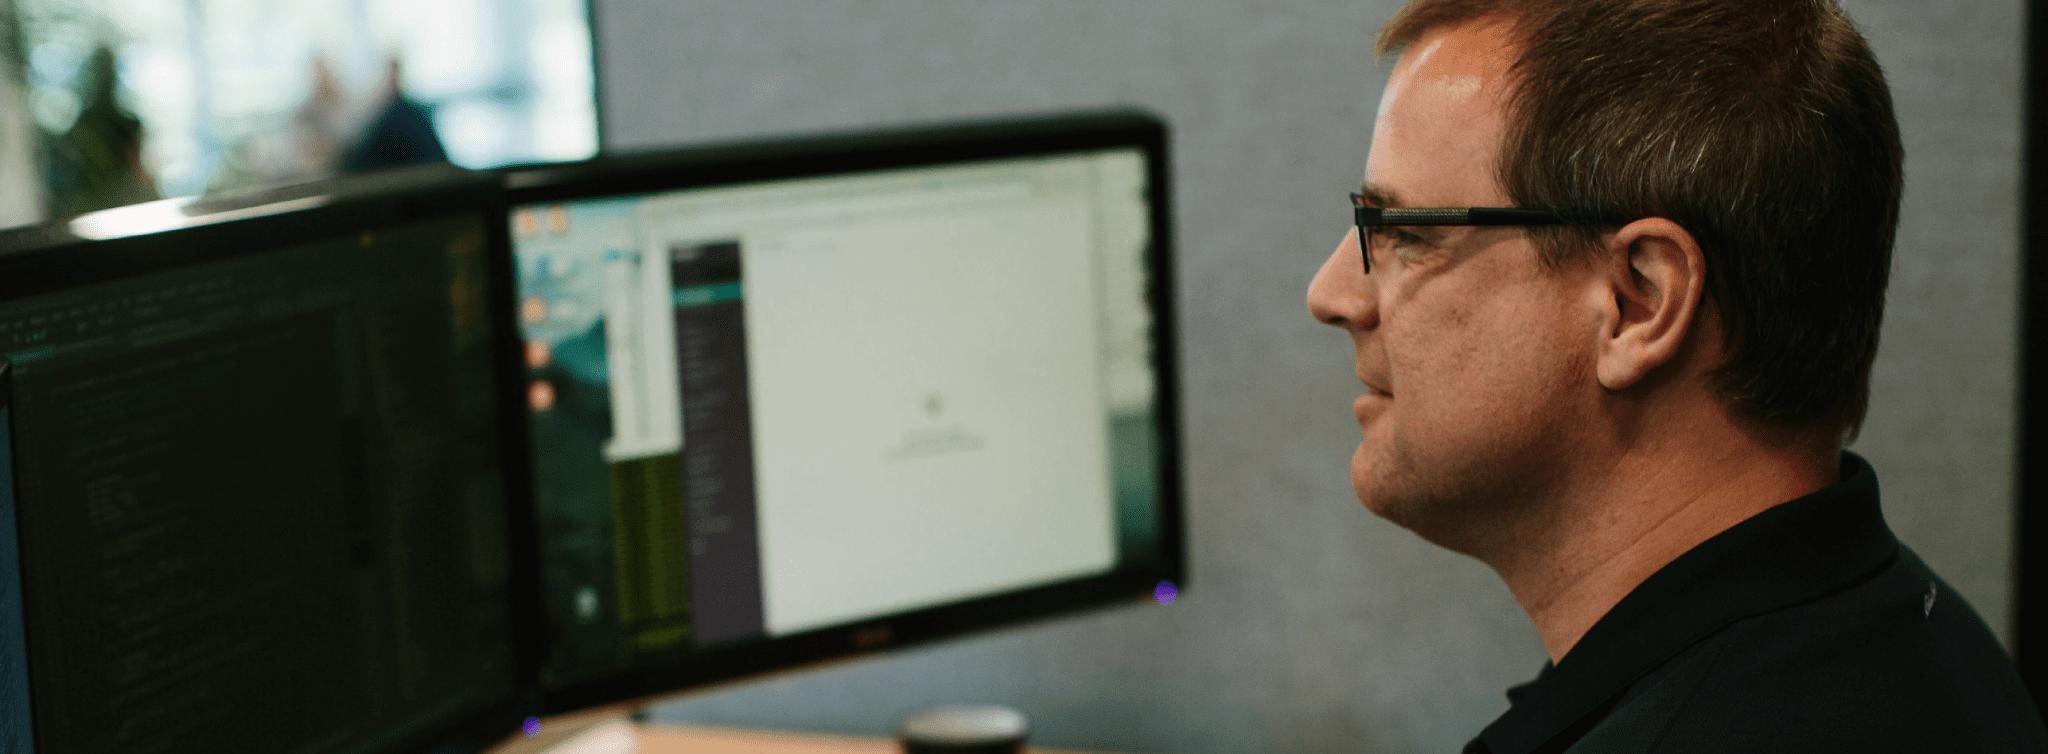 Slingshot launches new startup arm: Slingshot Ventures